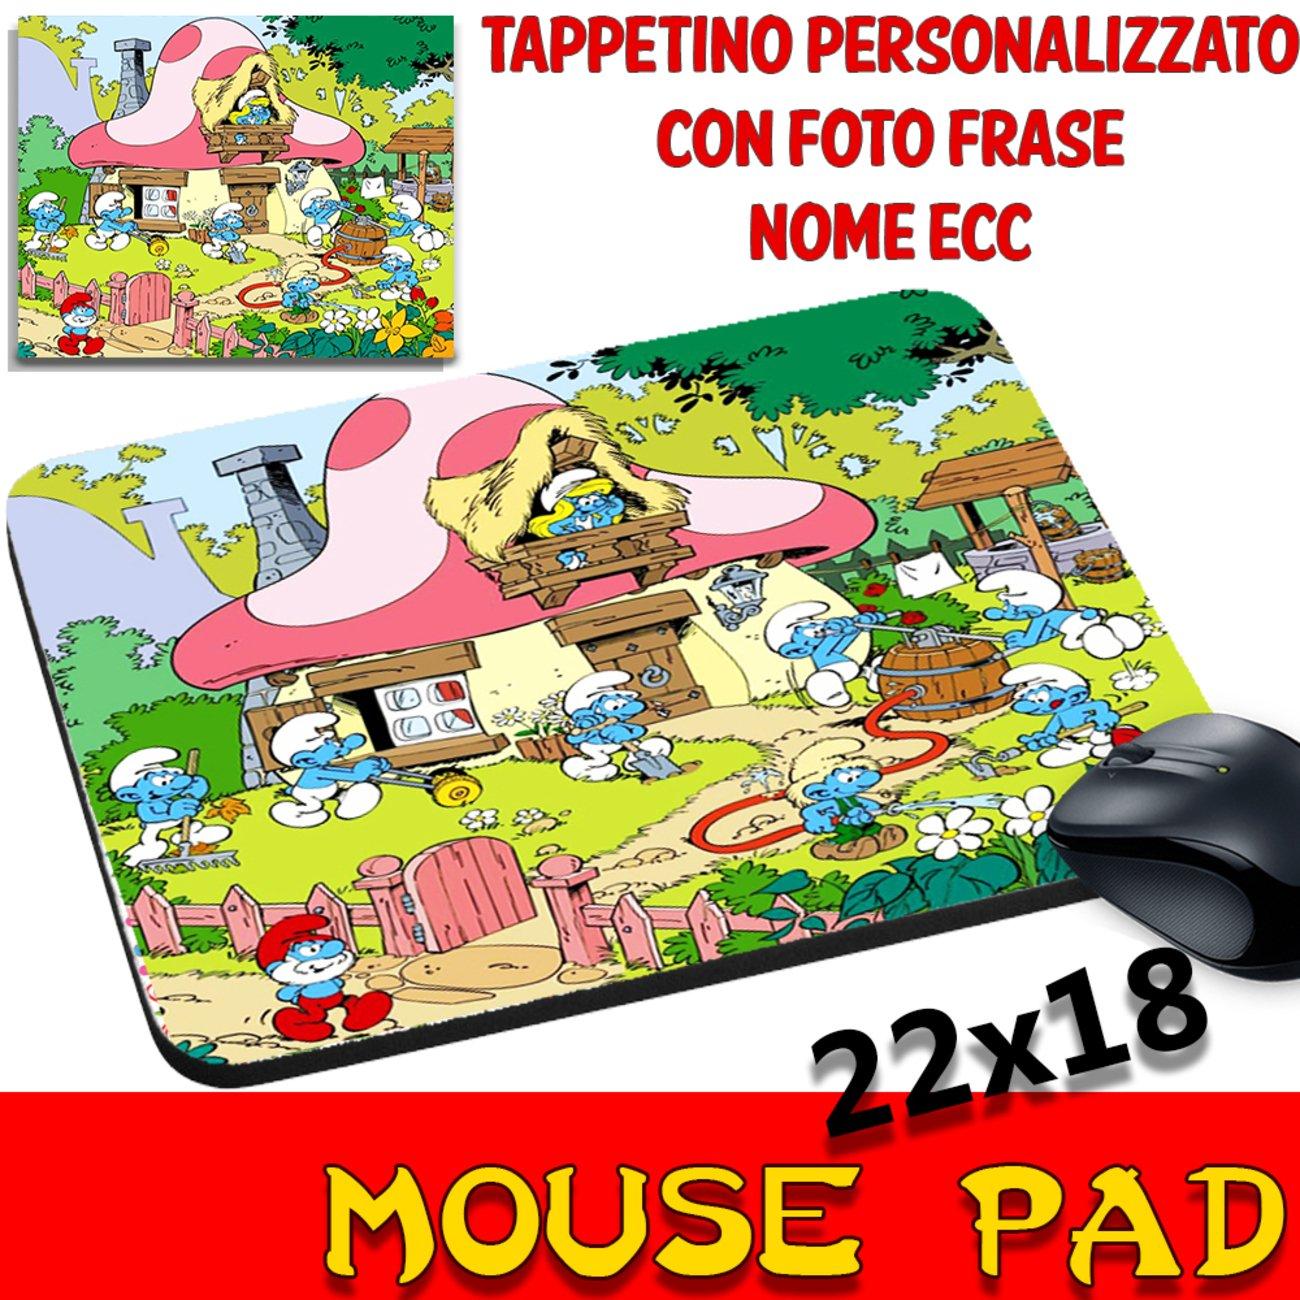 Ratón Pad I Pitufos The Smurf dibujos alfombrilla ratón con nombre personalizado ECC csm Informatica